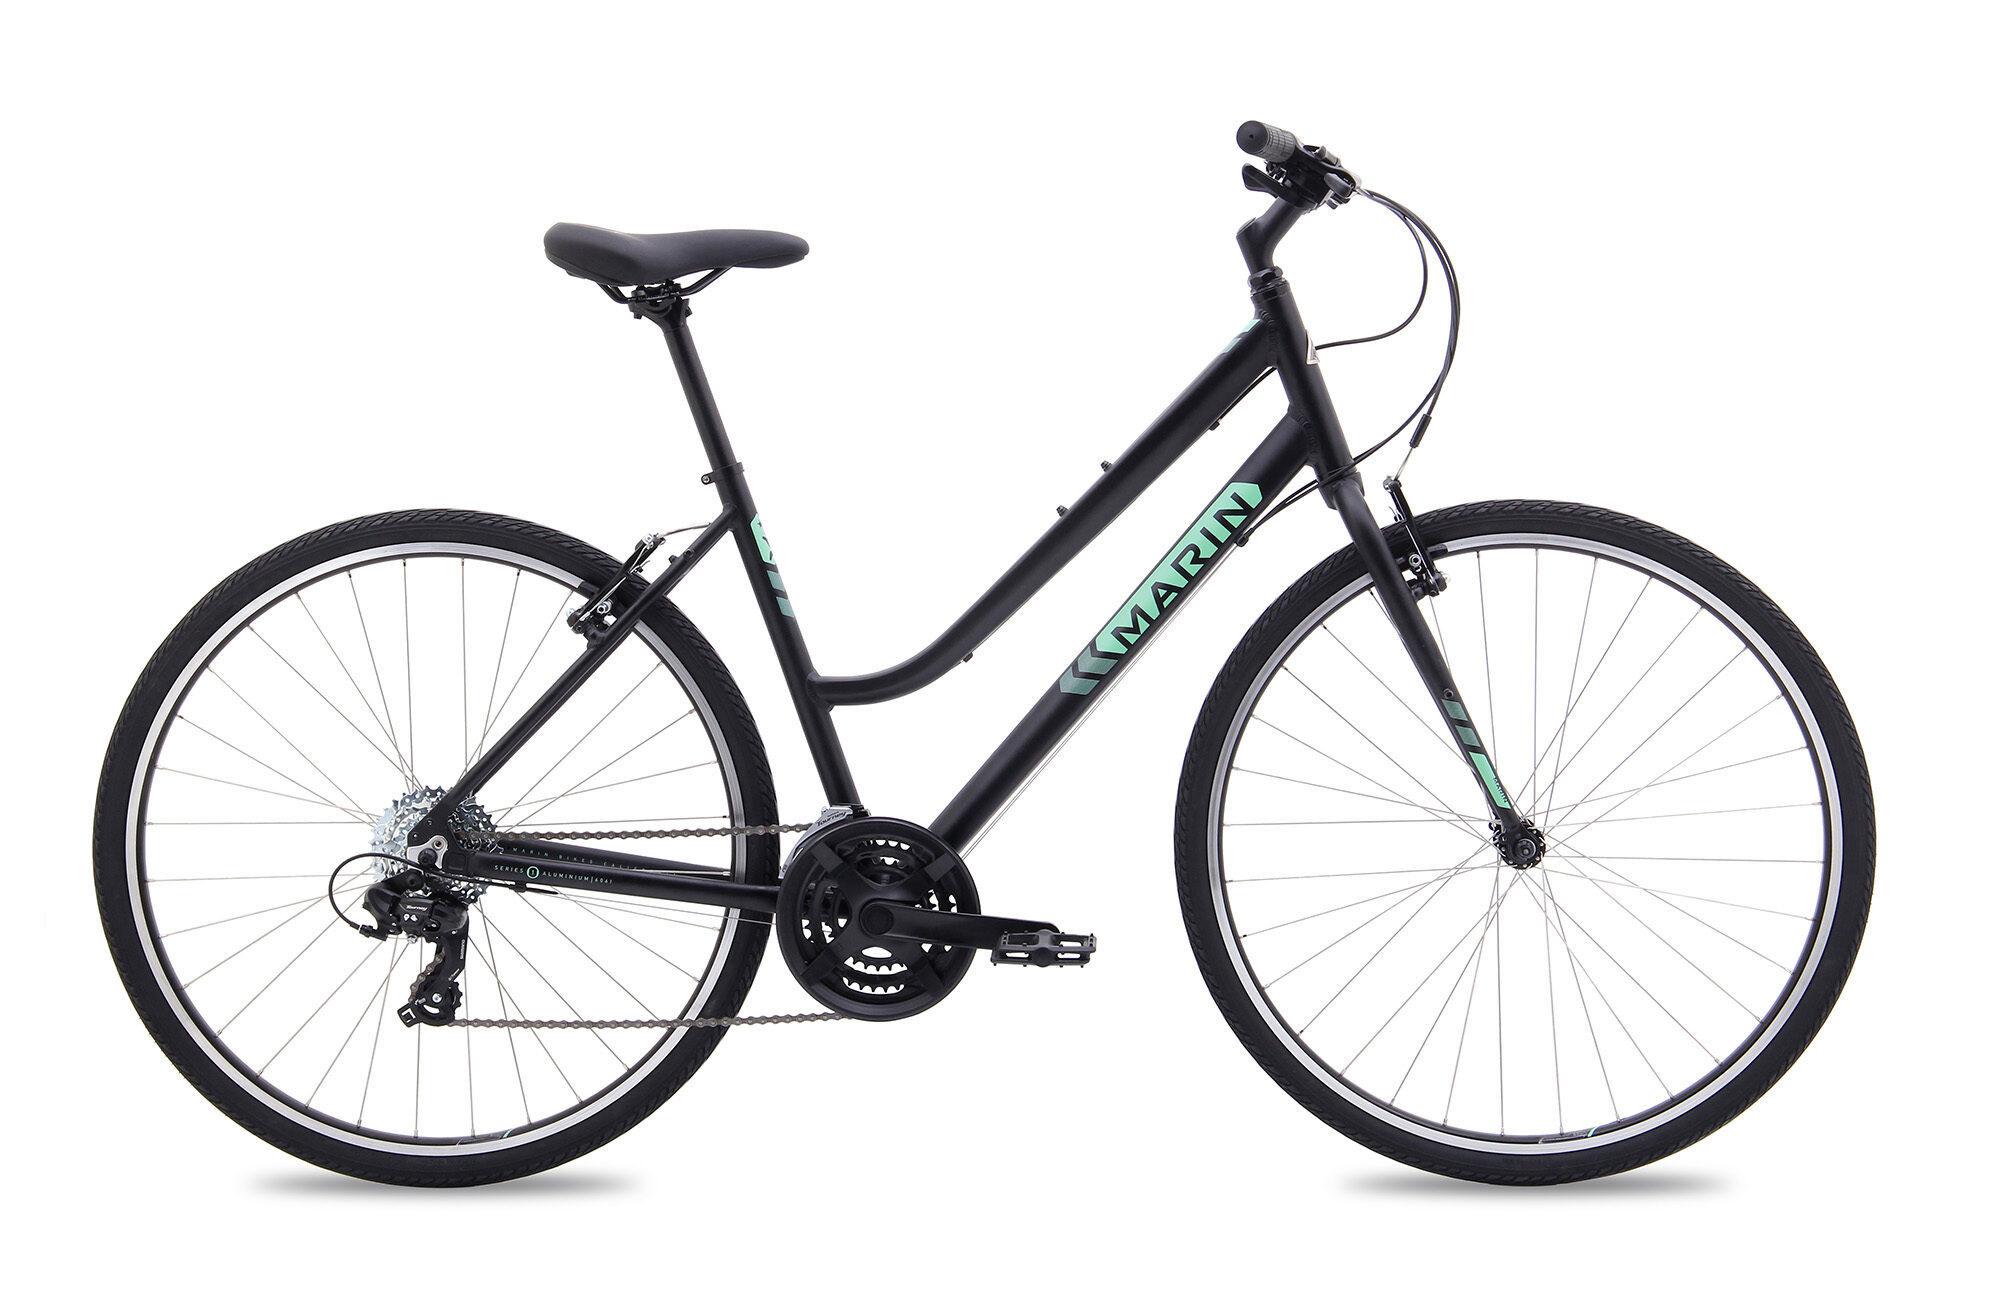 2020 Marin Kentfield CS1 L1 Black